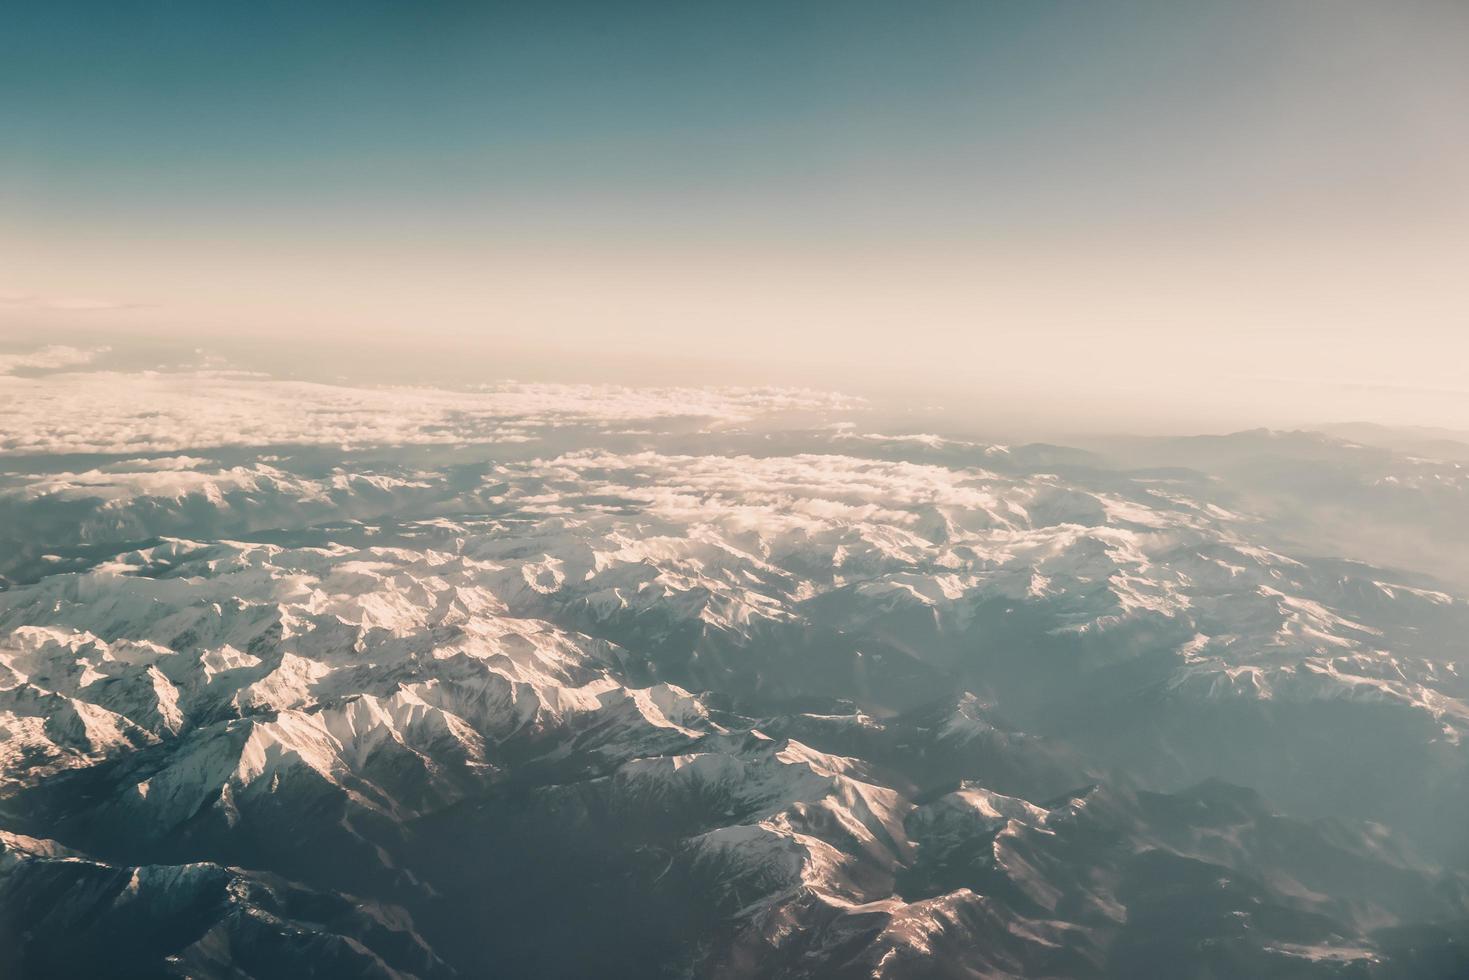 paisaje montañoso desde avión foto